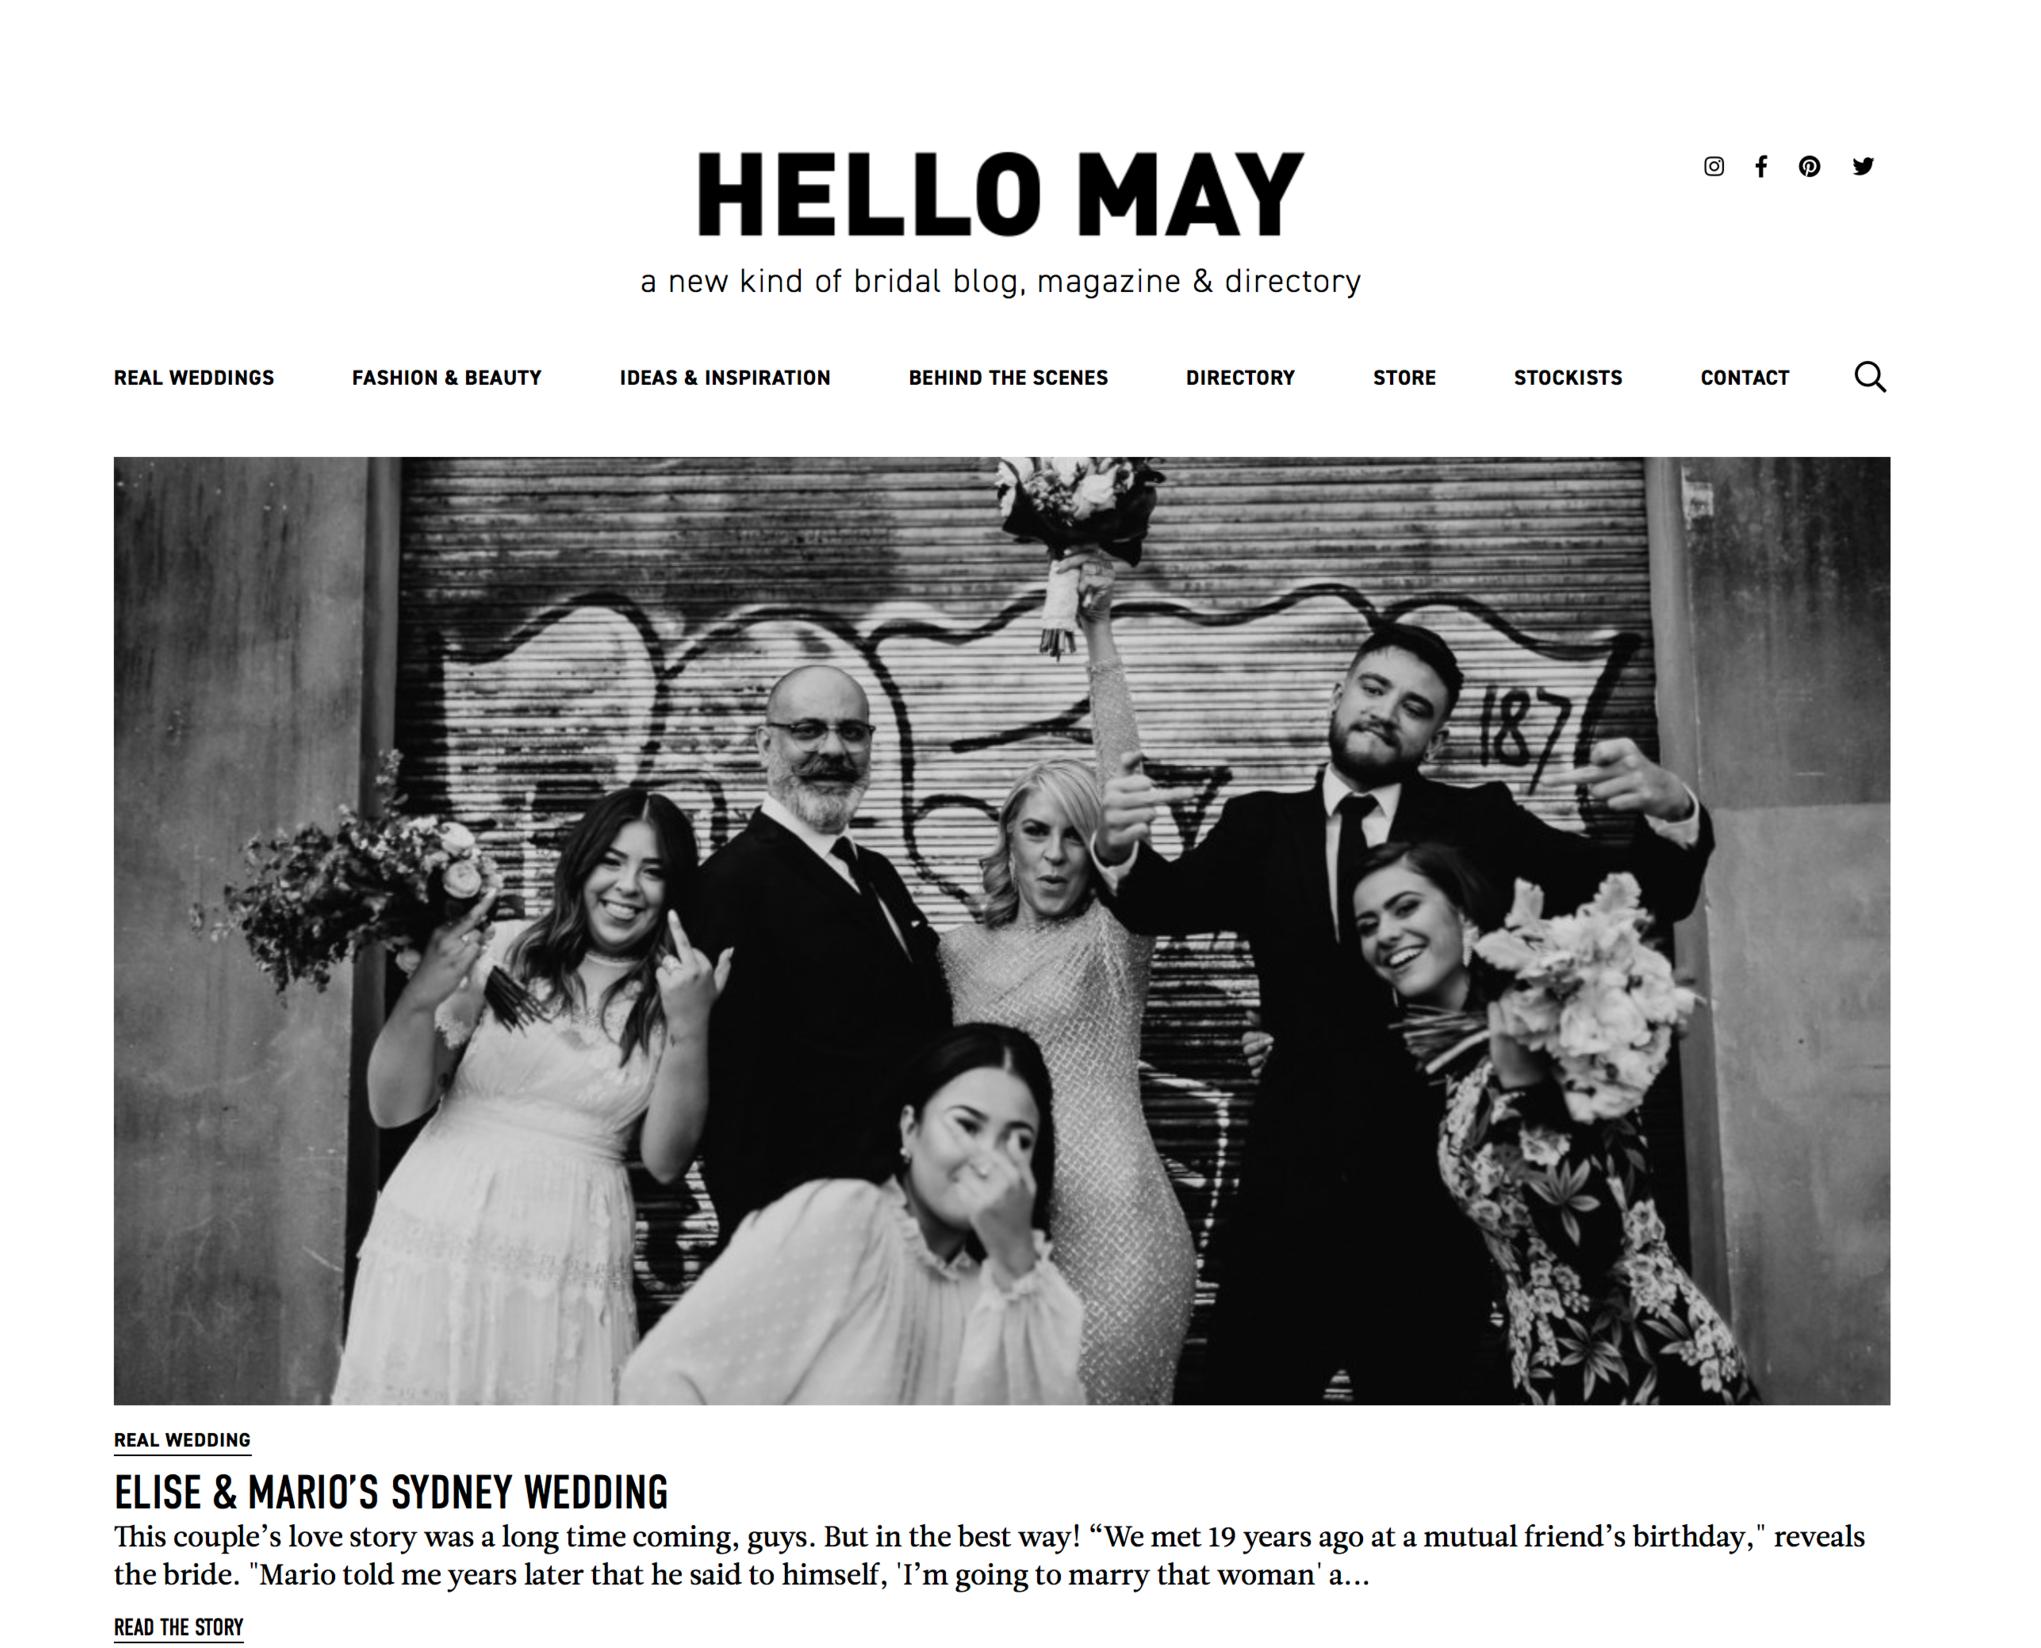 Charlotte_exton_photgraphy_sydney_wedding_photographer_hellomay_magazine.png